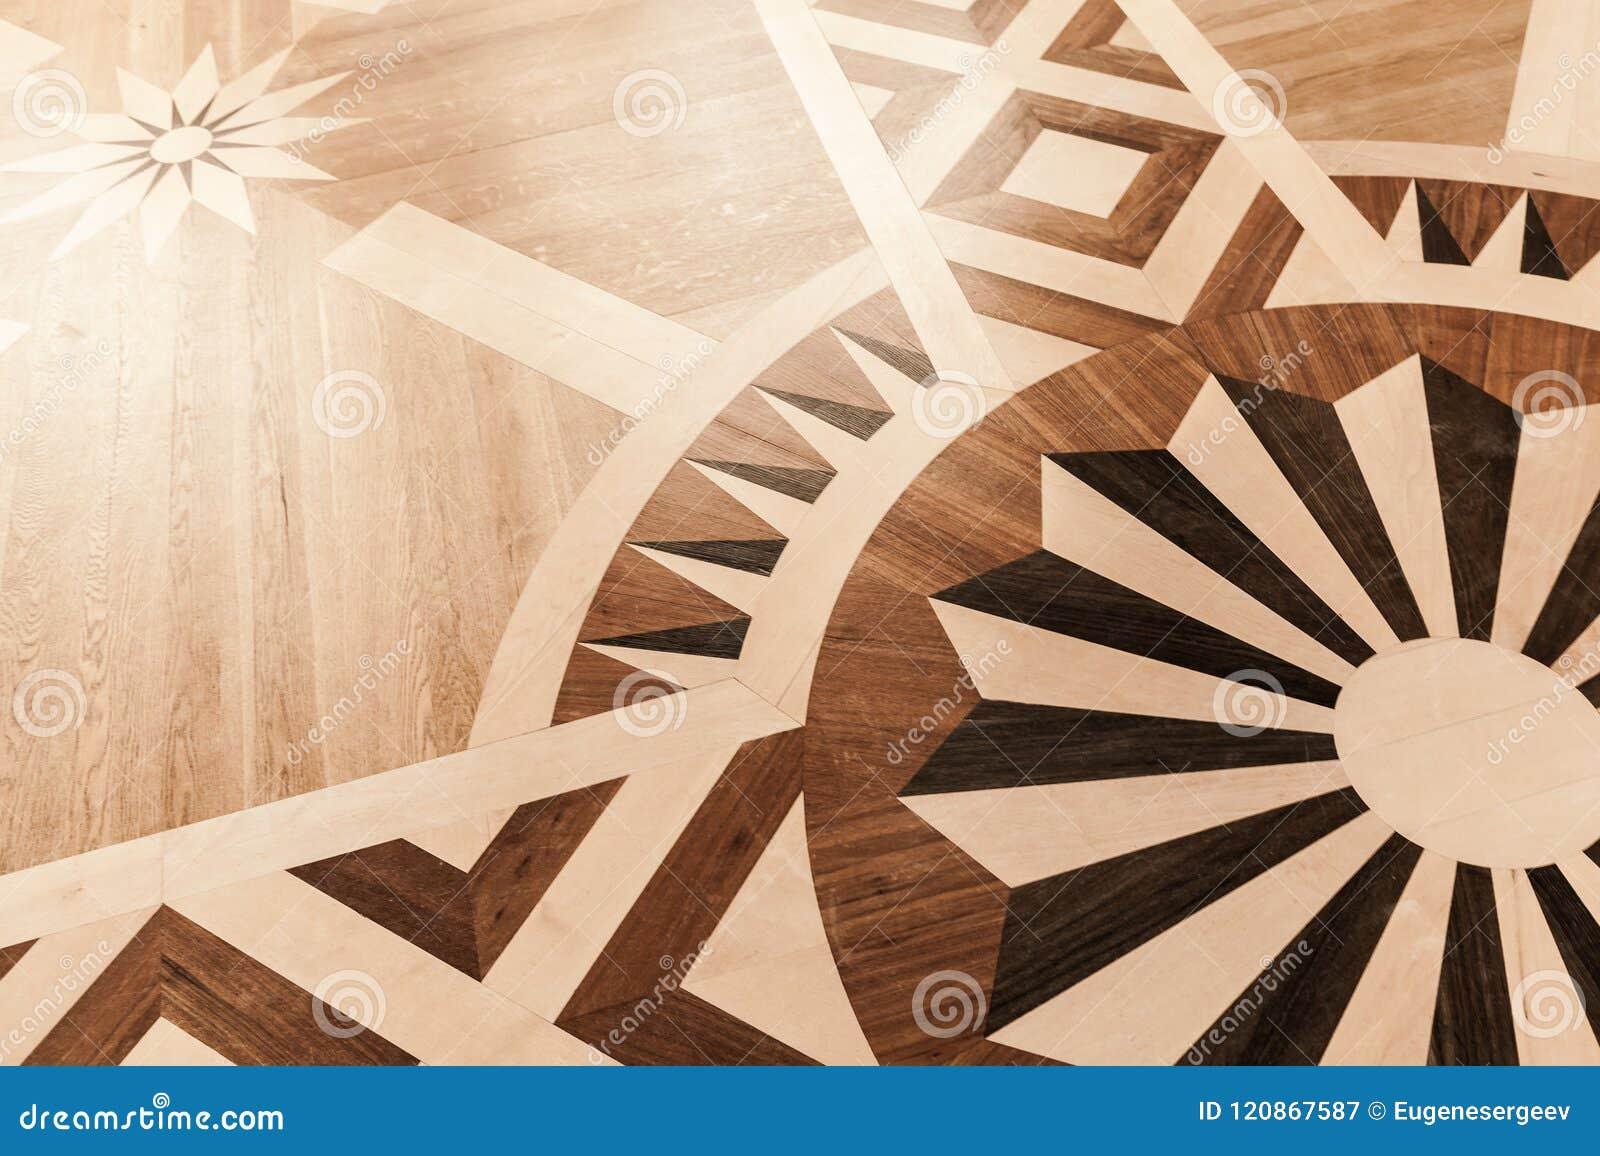 Ubersicht Holz Und Holzimitate Fur Den Bodenbereich 13